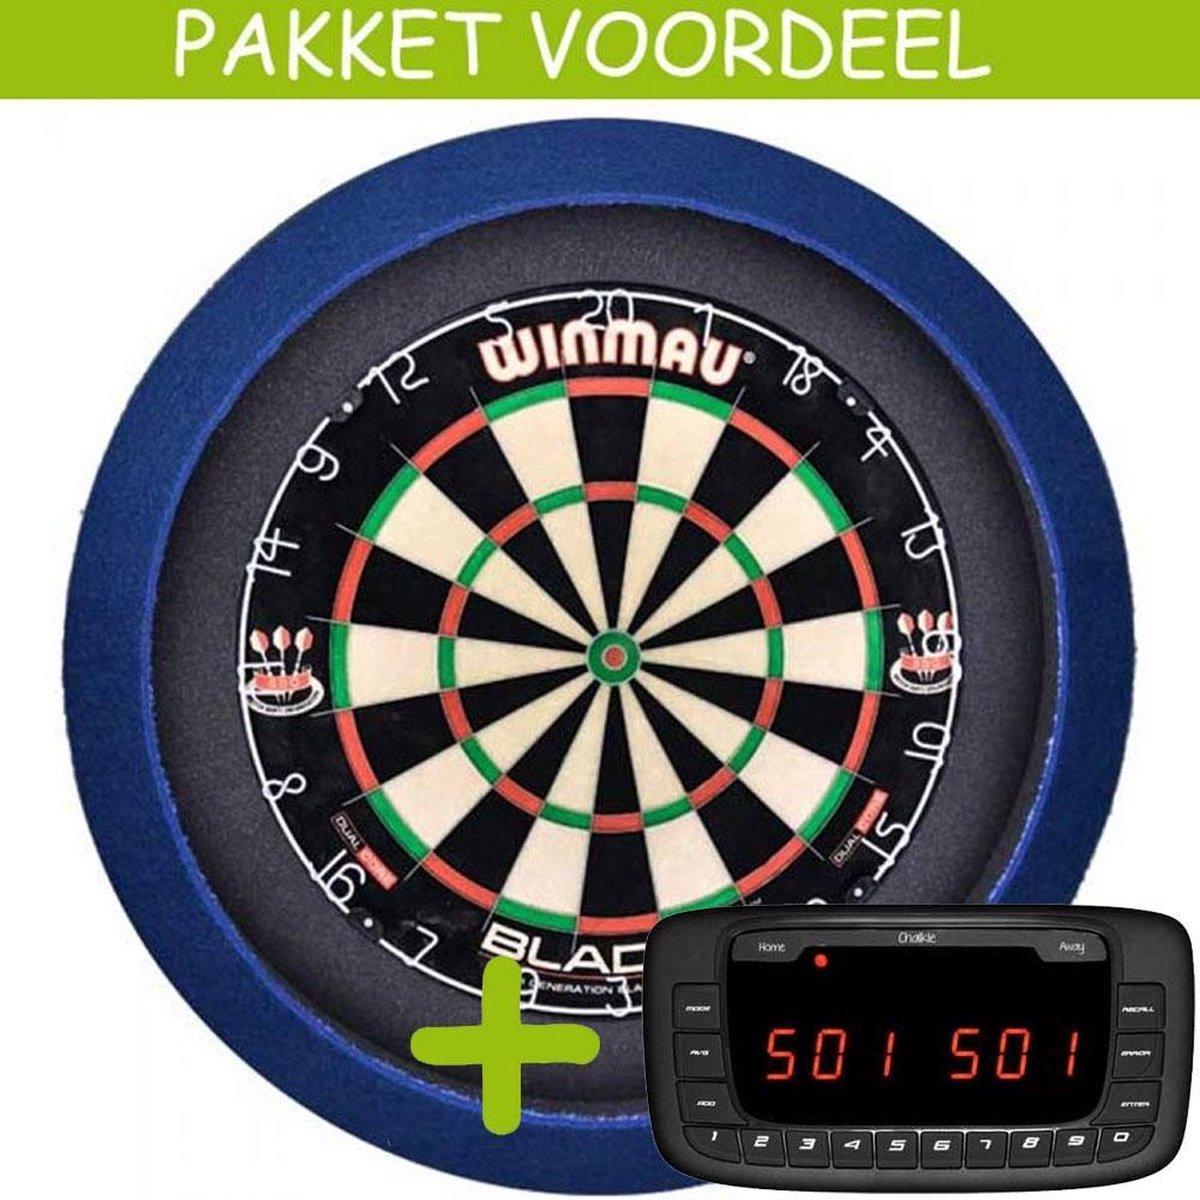 Elektronisch Dart Scorebord VoordeelPakket (Chalkie ) - Blade 5 - Dartbordverlichting Basic (Blauw)